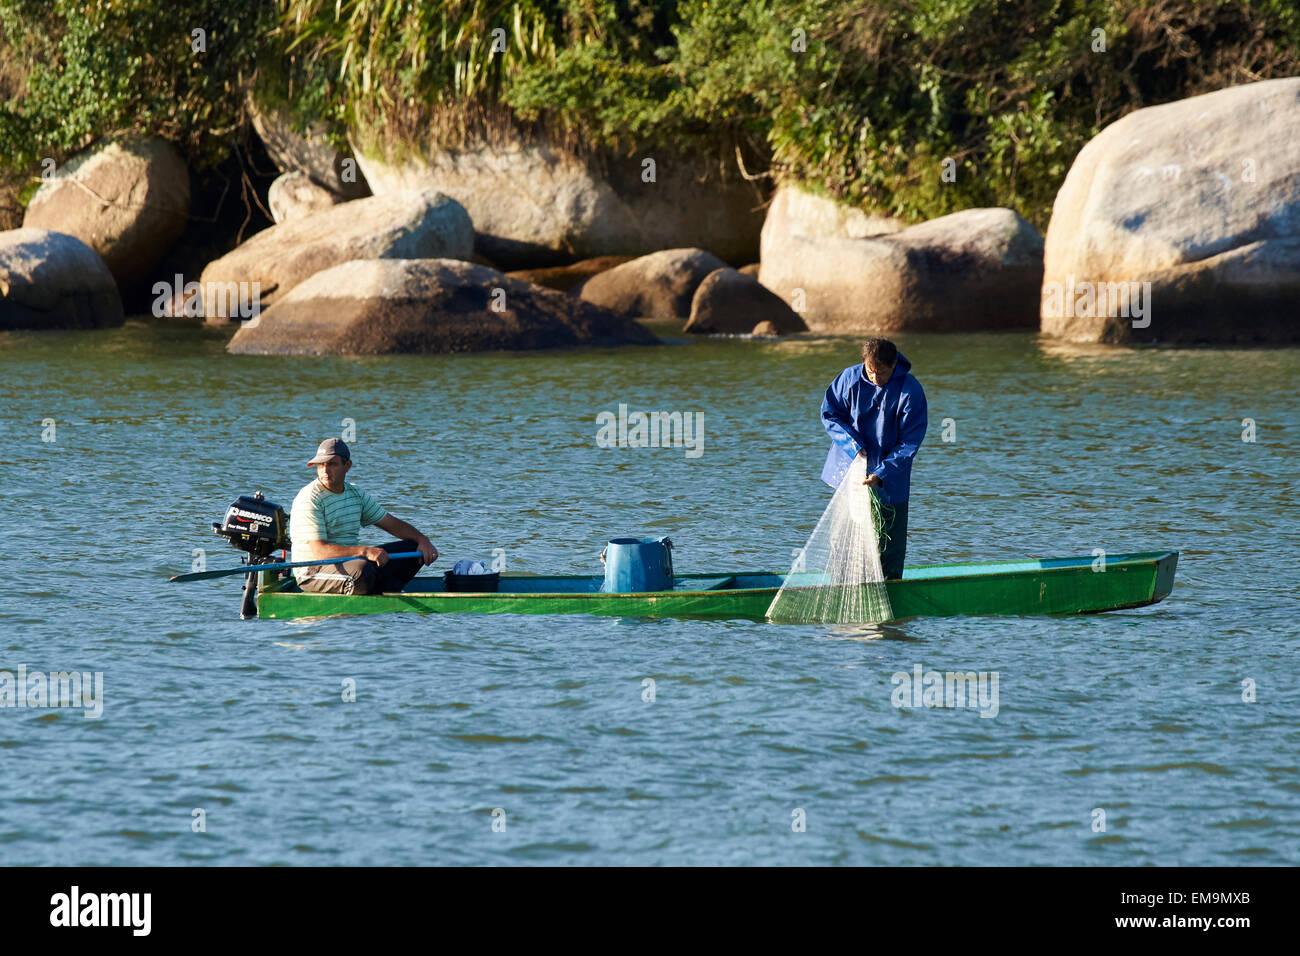 Pêche à la ligne avec un jet net Banque D'Images